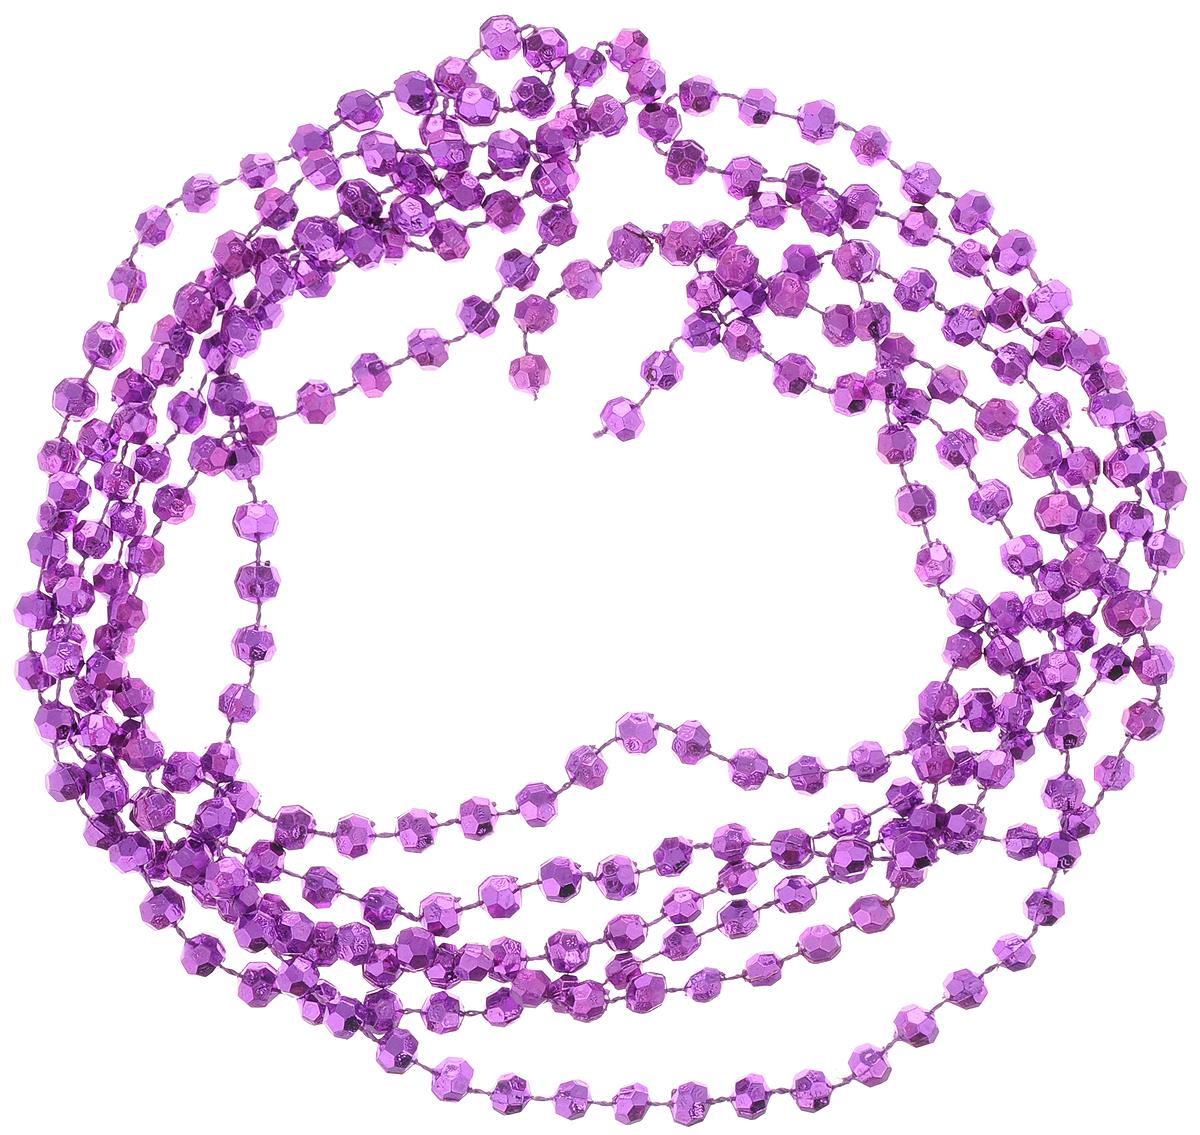 Гирлянда новогодняя Magic Time Пурпурные горошины, 2,7 мSM-25AНовогодняя гирлянда Magic Time Пурпурные горошины, выполненная из полистирола, украсит интерьер вашего дома или офиса в преддверии Нового года. Гирлянда представляет собой бусины на нити. Оригинальный дизайн и красочное исполнение создадут праздничное настроение. Новогодние украшения всегда несут в себе волшебство и красоту праздника. Создайте в своем доме атмосферу тепла, веселья и радости, украшая его всей семьей.Диаметр бусины: 7 мм.